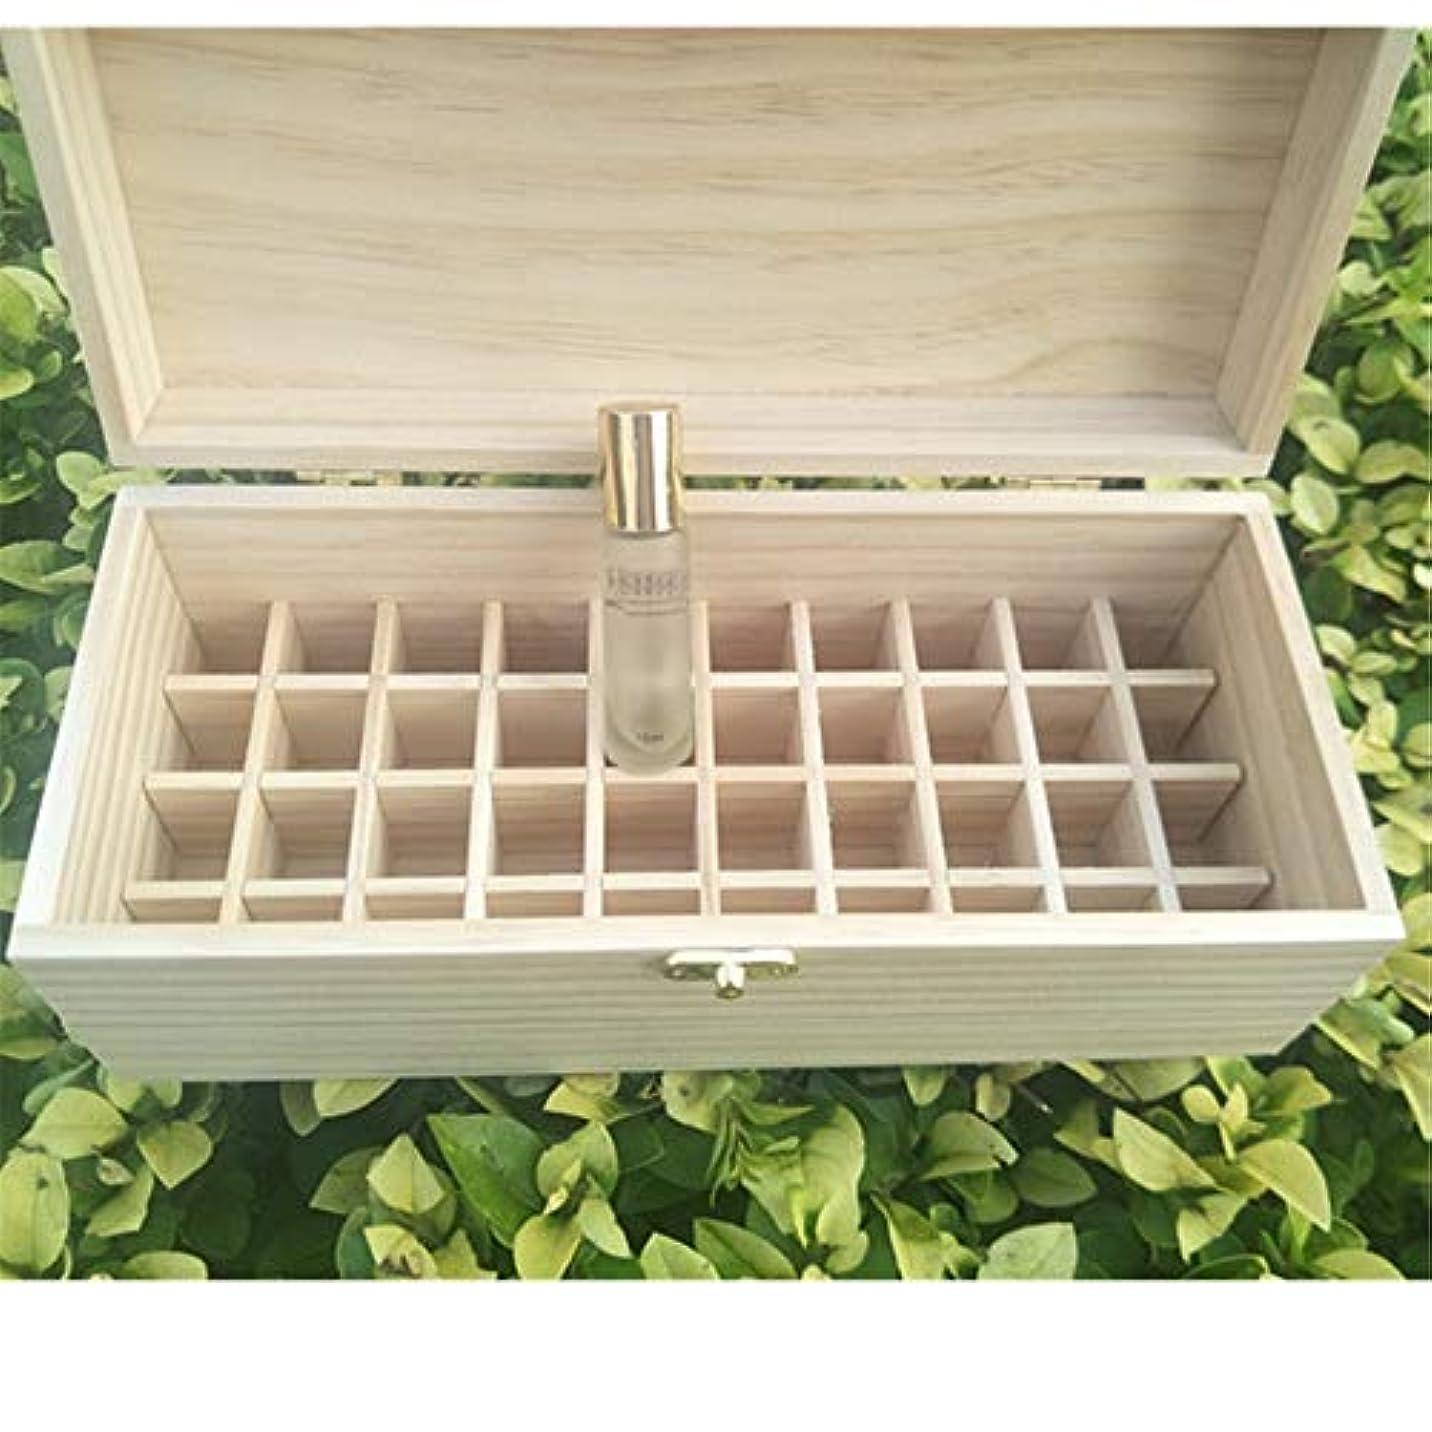 意味見えない学生エッセンシャルオイルストレージボックス 40スロットウッドエッセンシャルオイルストレージボックスは40の10mlの油のボトルを保持します 旅行およびプレゼンテーション用 (色 : Natural, サイズ : 27X11.5X10.3CM)